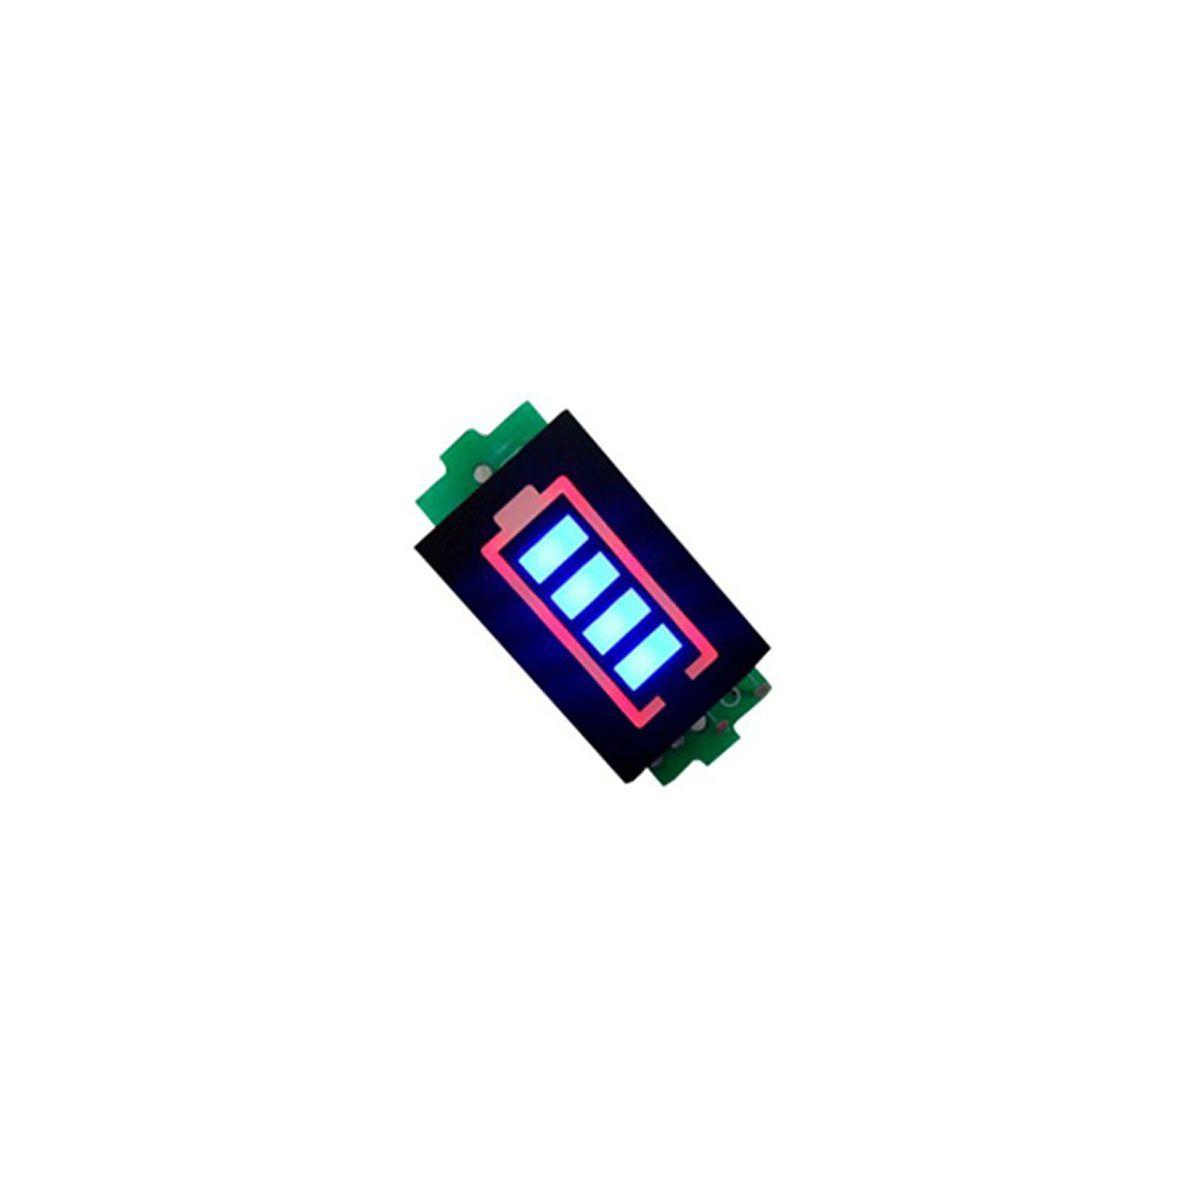 2x Voltímetro com Display Indicador de Nível de Carga para Baterias 1S 4,2V